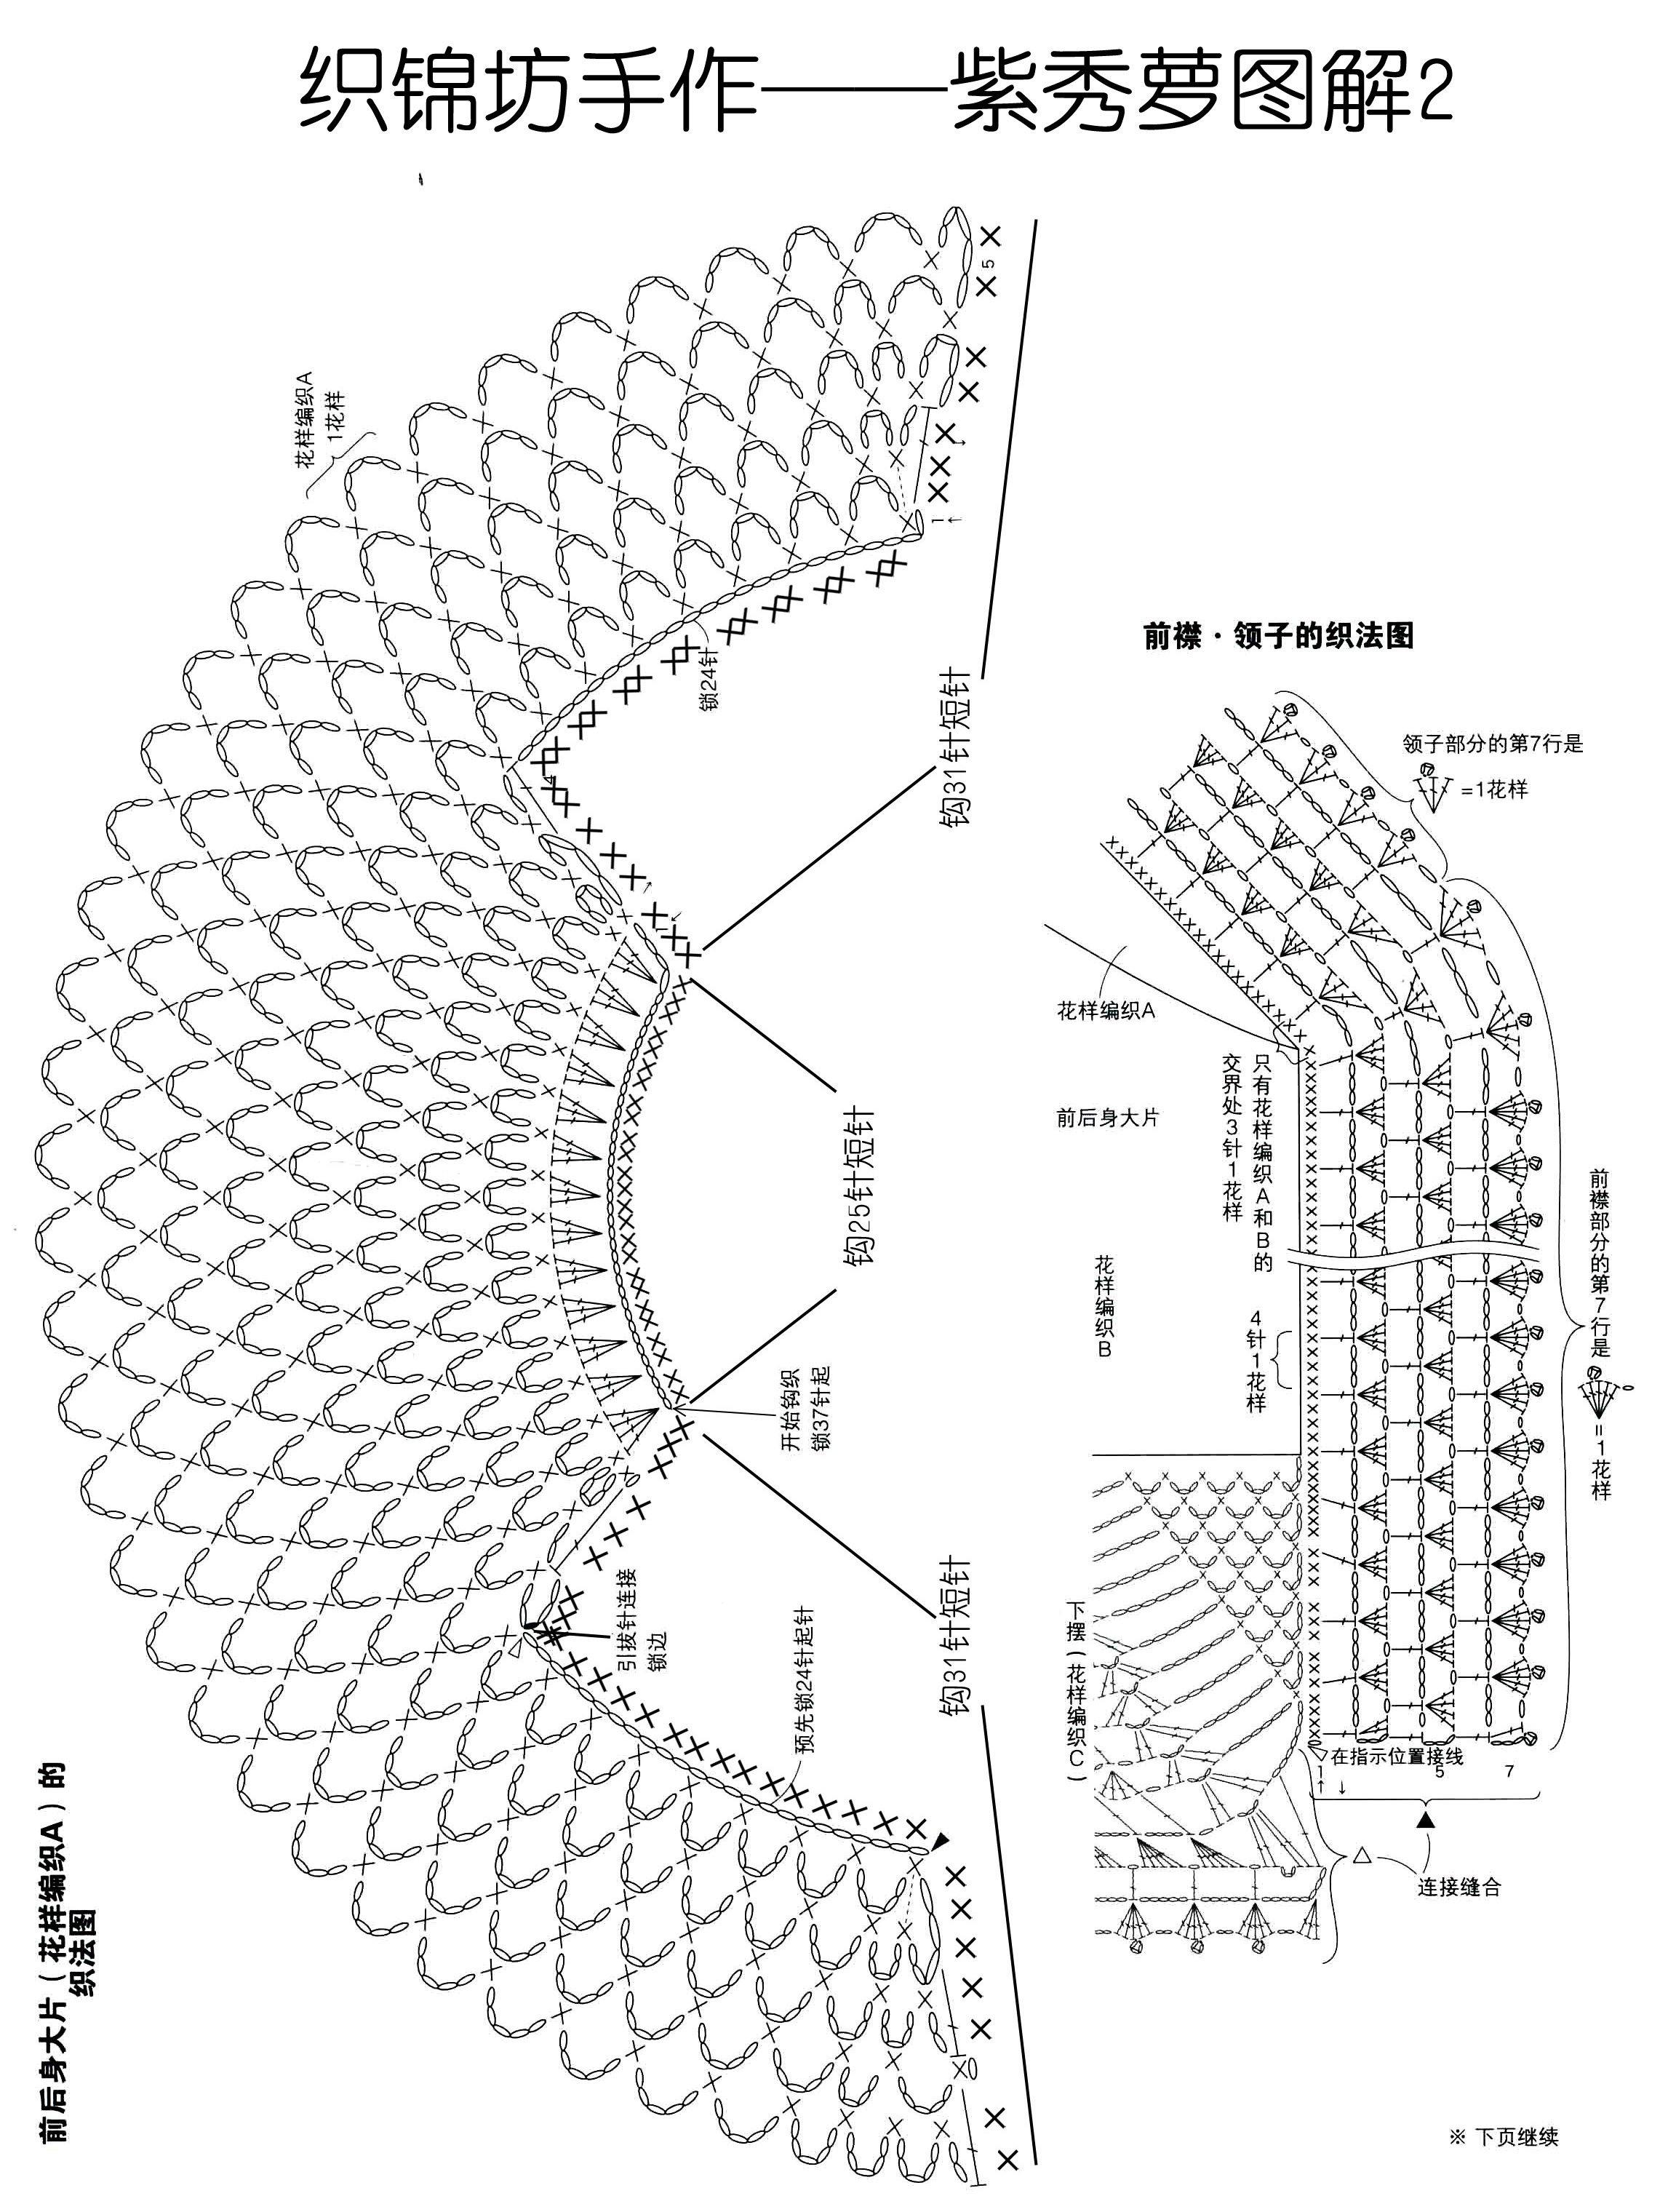 图解2-1.jpg